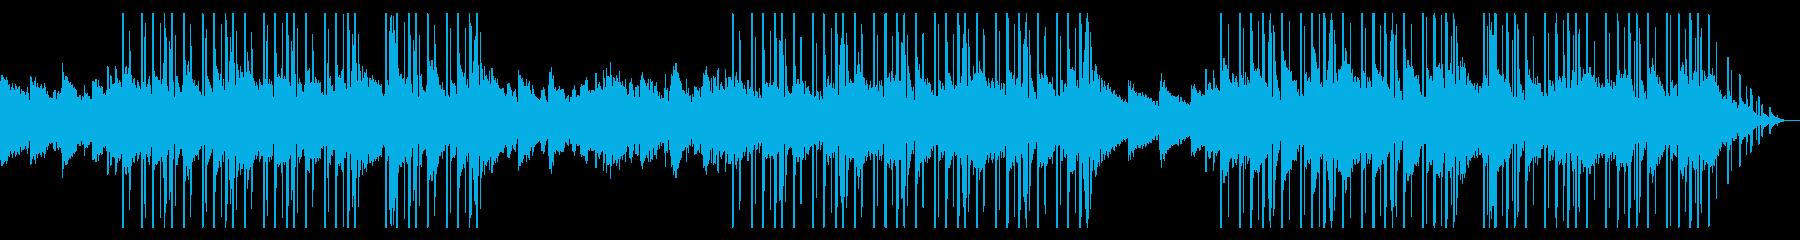 コーラスとkeyの哀愁漂うスローなビートの再生済みの波形